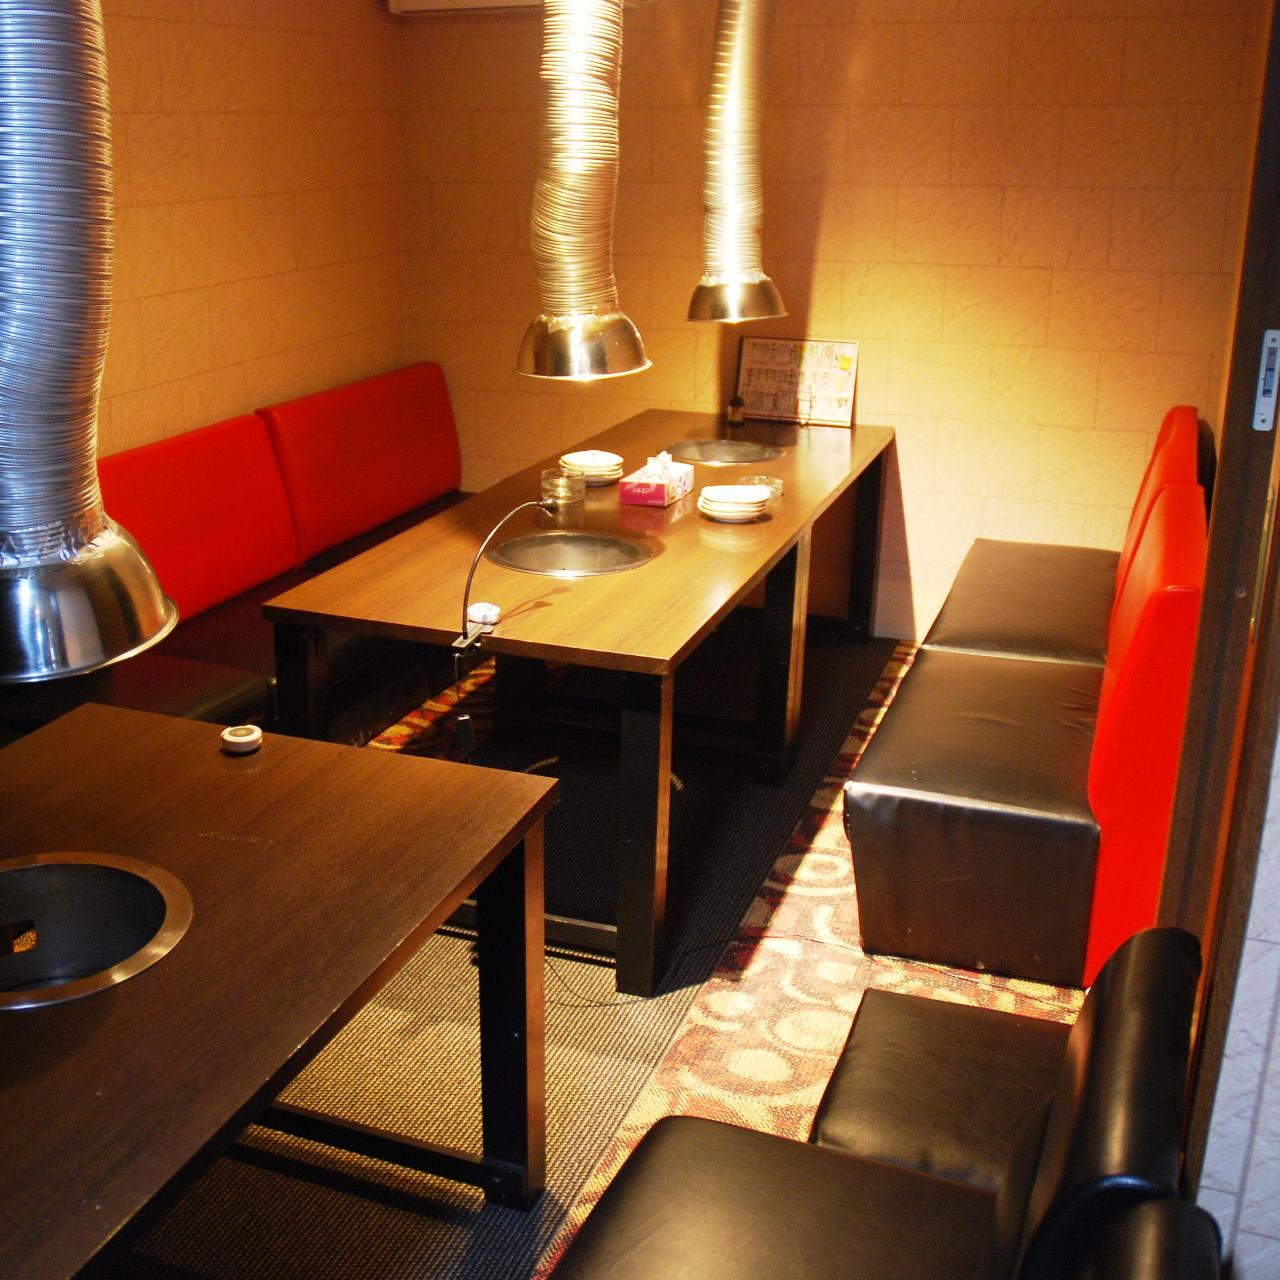 テーブル席・完全個室(壁・扉あり)・16名様まで